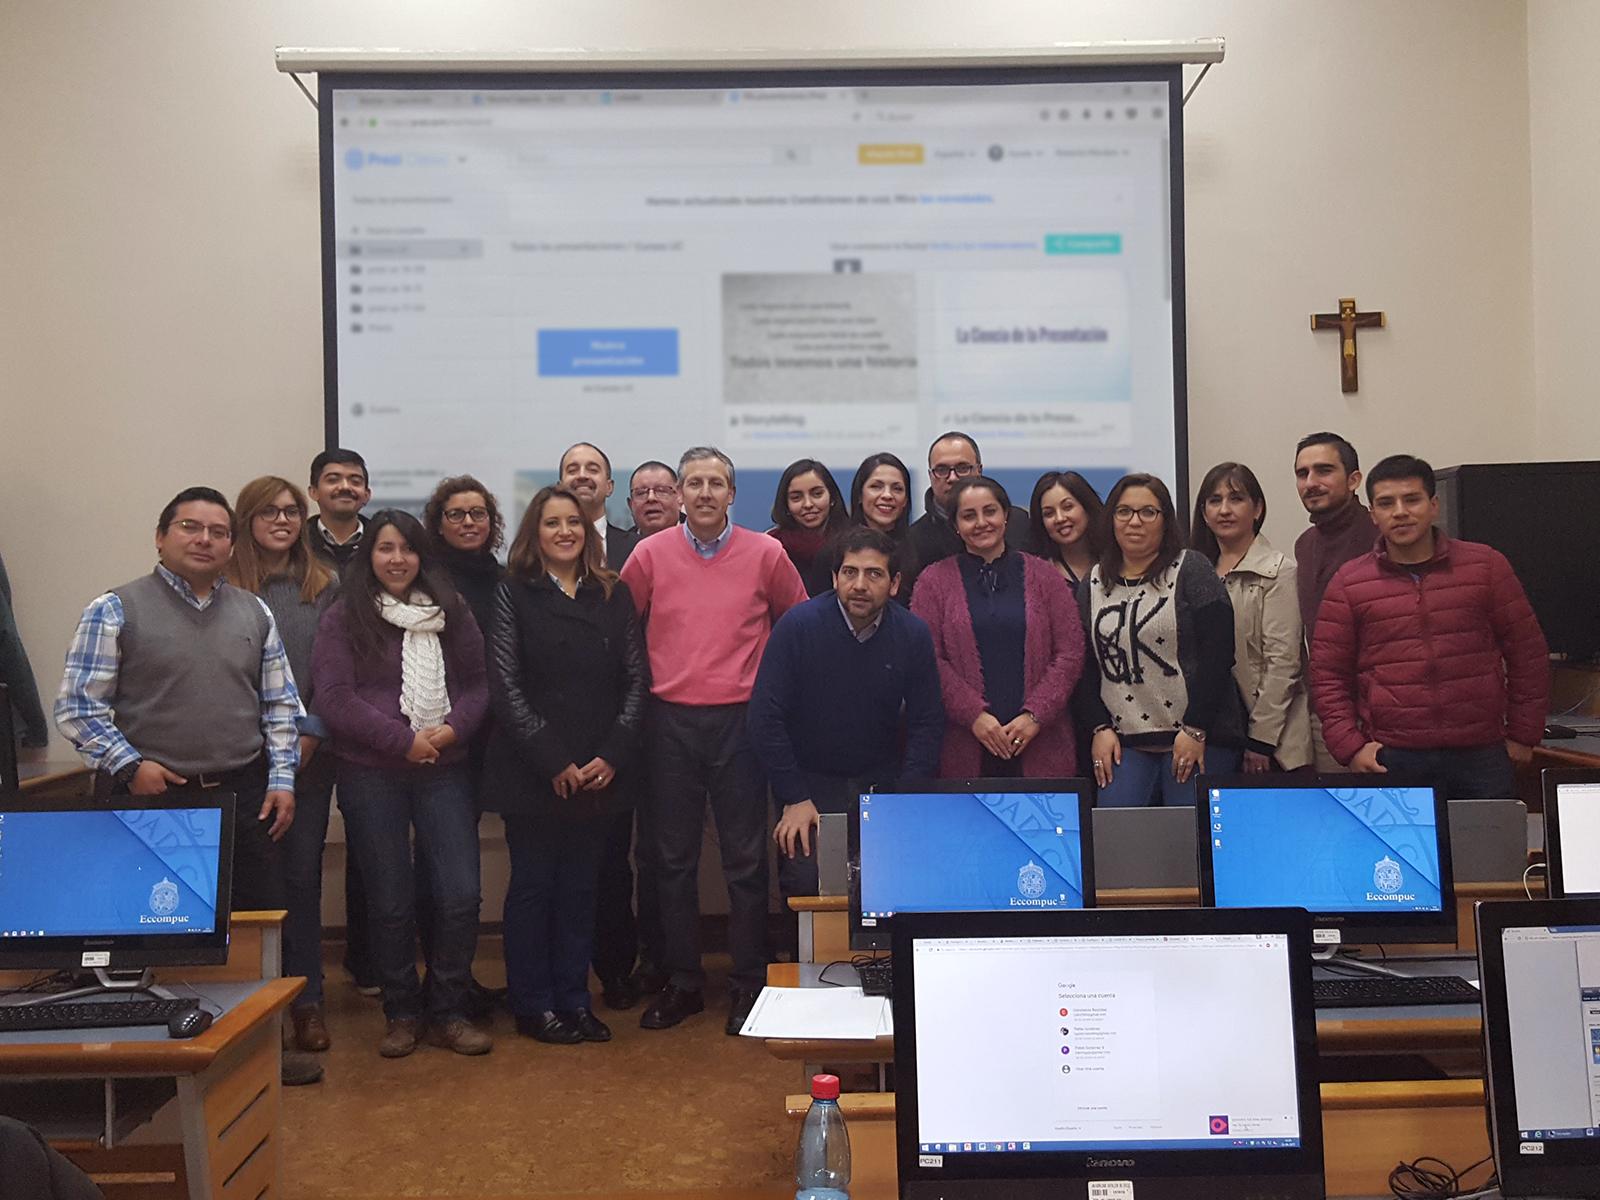 Curso Presentaciones Profesionales con Prezi en Capacitación Continua UC en el Centro de Extensión UC - Roberto Morales E.